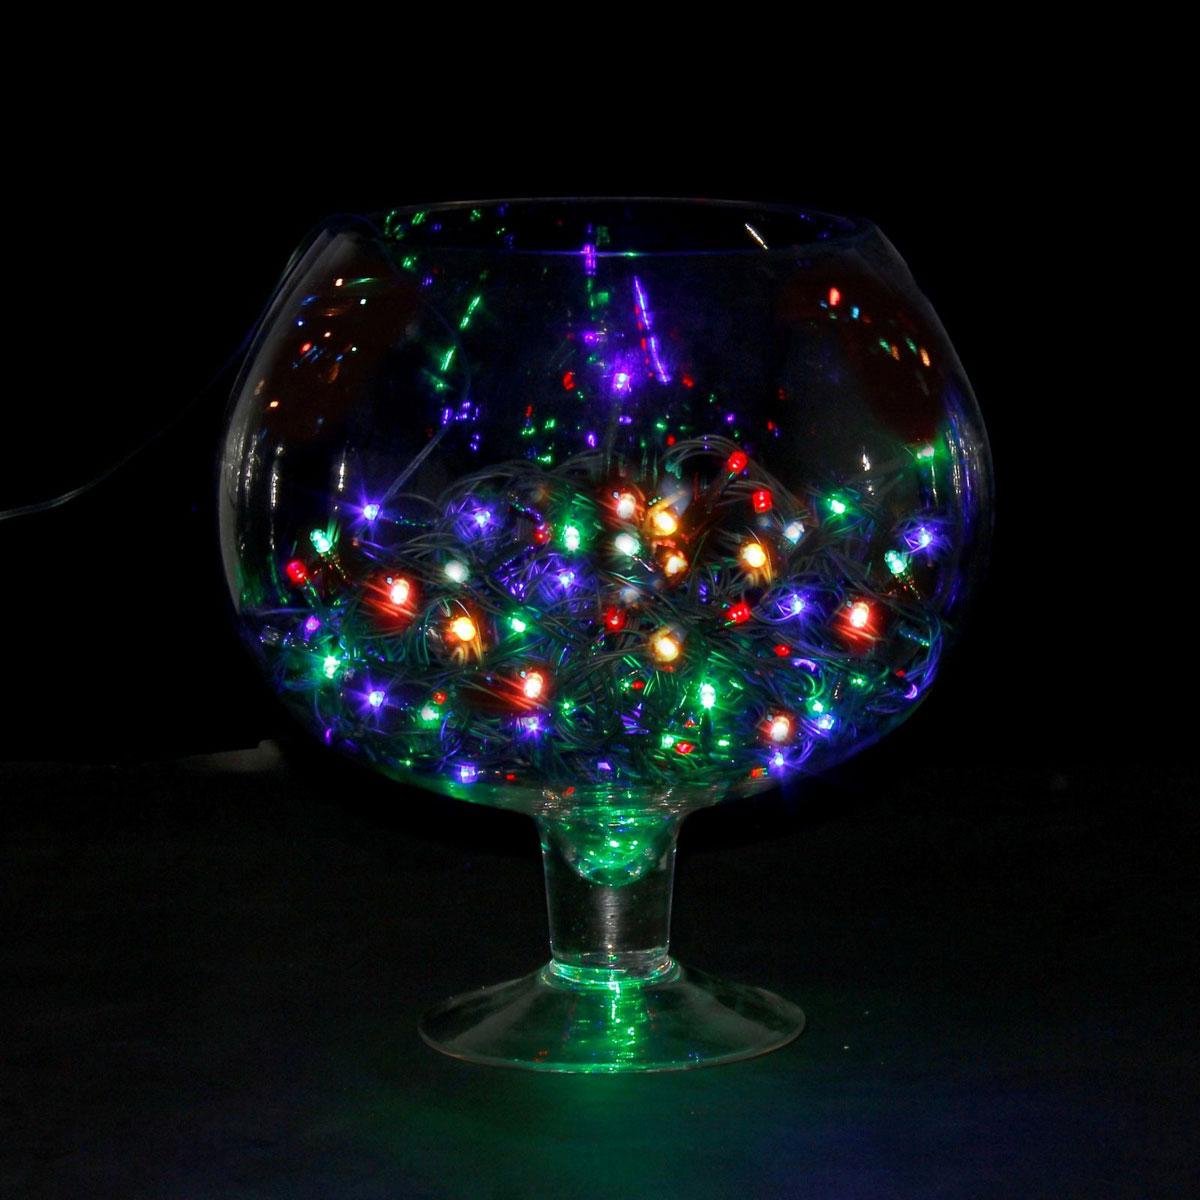 Гирлянда светодиодная Luazon Метраж, уличная, 50 ламп, 240 V, 5 м, цвет: мультиколор. 187235187235Светодиодные гирлянды, ленты и т.д. — это отличный вариант для новогоднего оформления интерьера или фасада. С их помощью помещение любого размера можно превратить в праздничный зал, а внешние элементы зданий, украшенные ими, мгновенно станут напоминать очертания сказочного дворца. Такие украшения создают ауру предвкушения чуда. Деревья, фасады, витрины, окна и арки будто специально созданы, чтобы вы украсили их светящимися нитями.